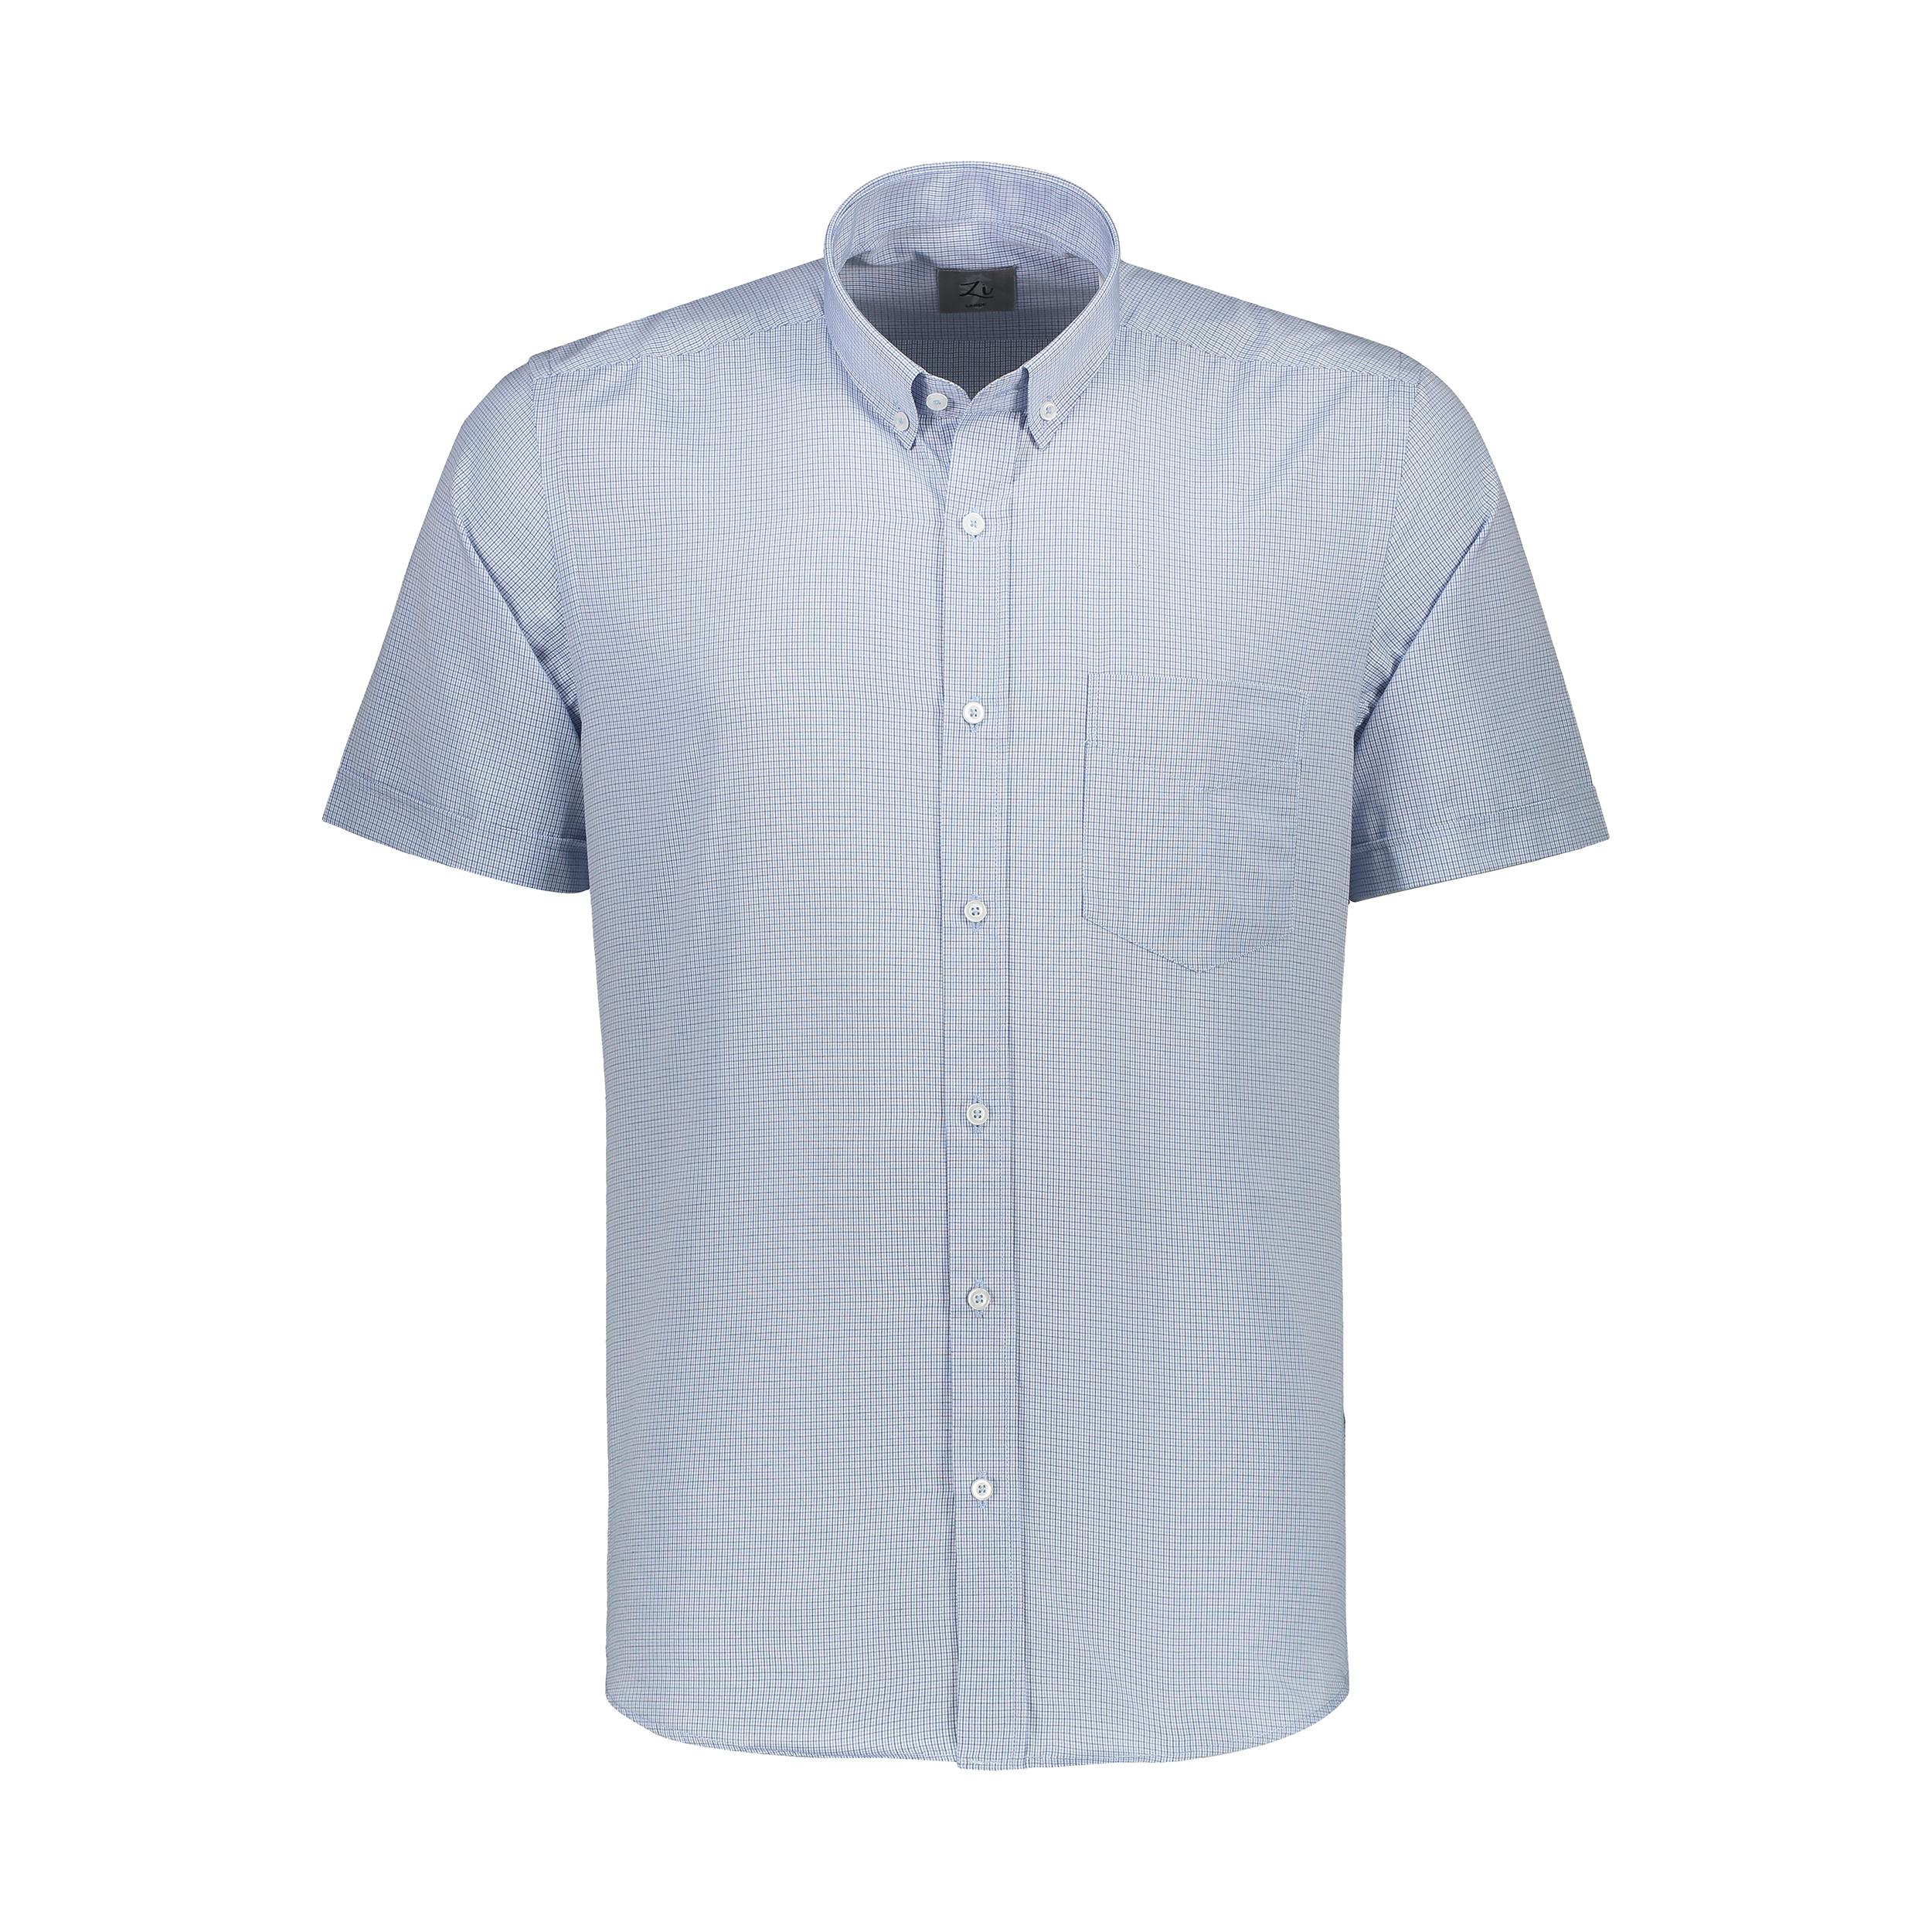 پیراهن مردانه زی مدل 15311965859